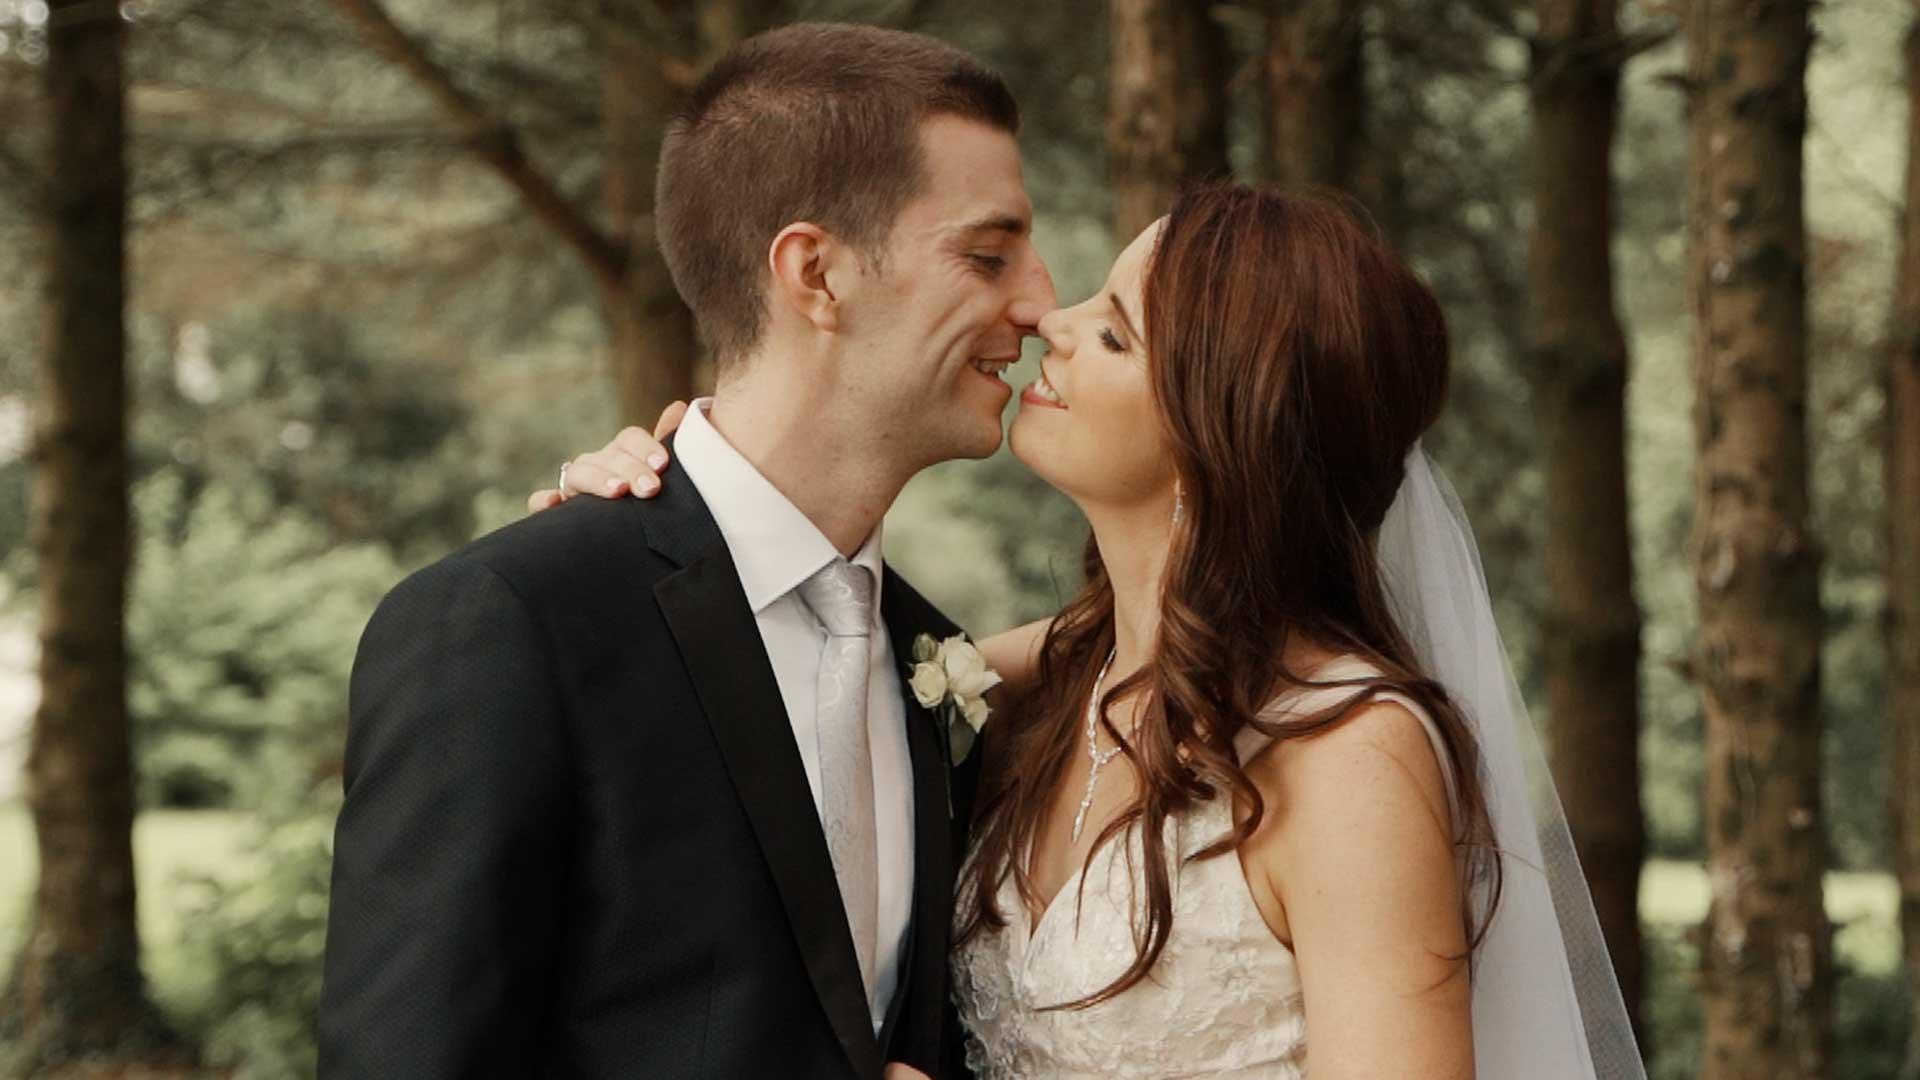 Máire and Shane's Wedding at the Killashee Hotel, County Kildare.